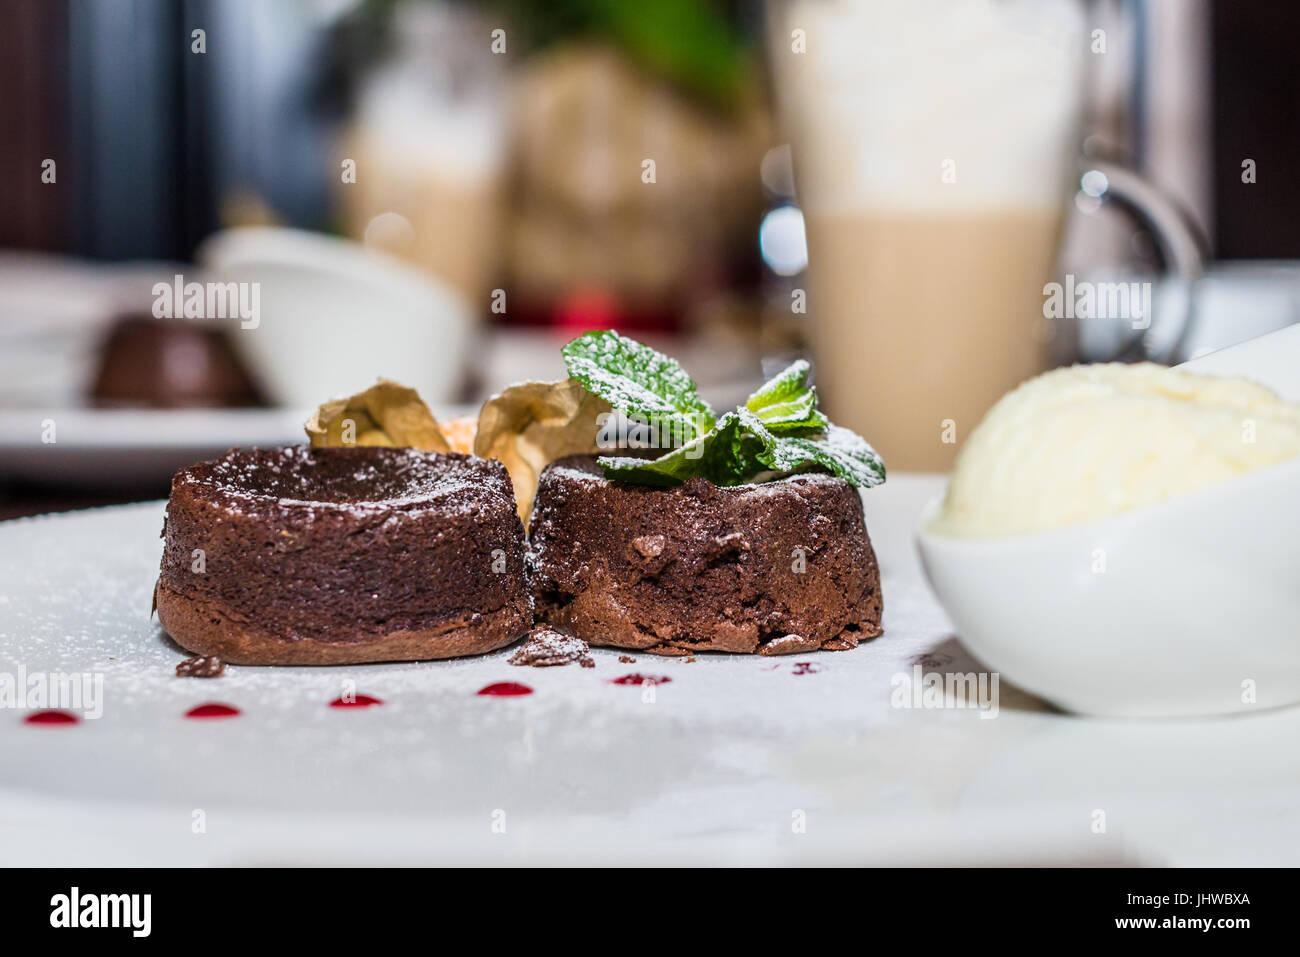 Warmes Dessert Schokolade Kuchen Stockbild